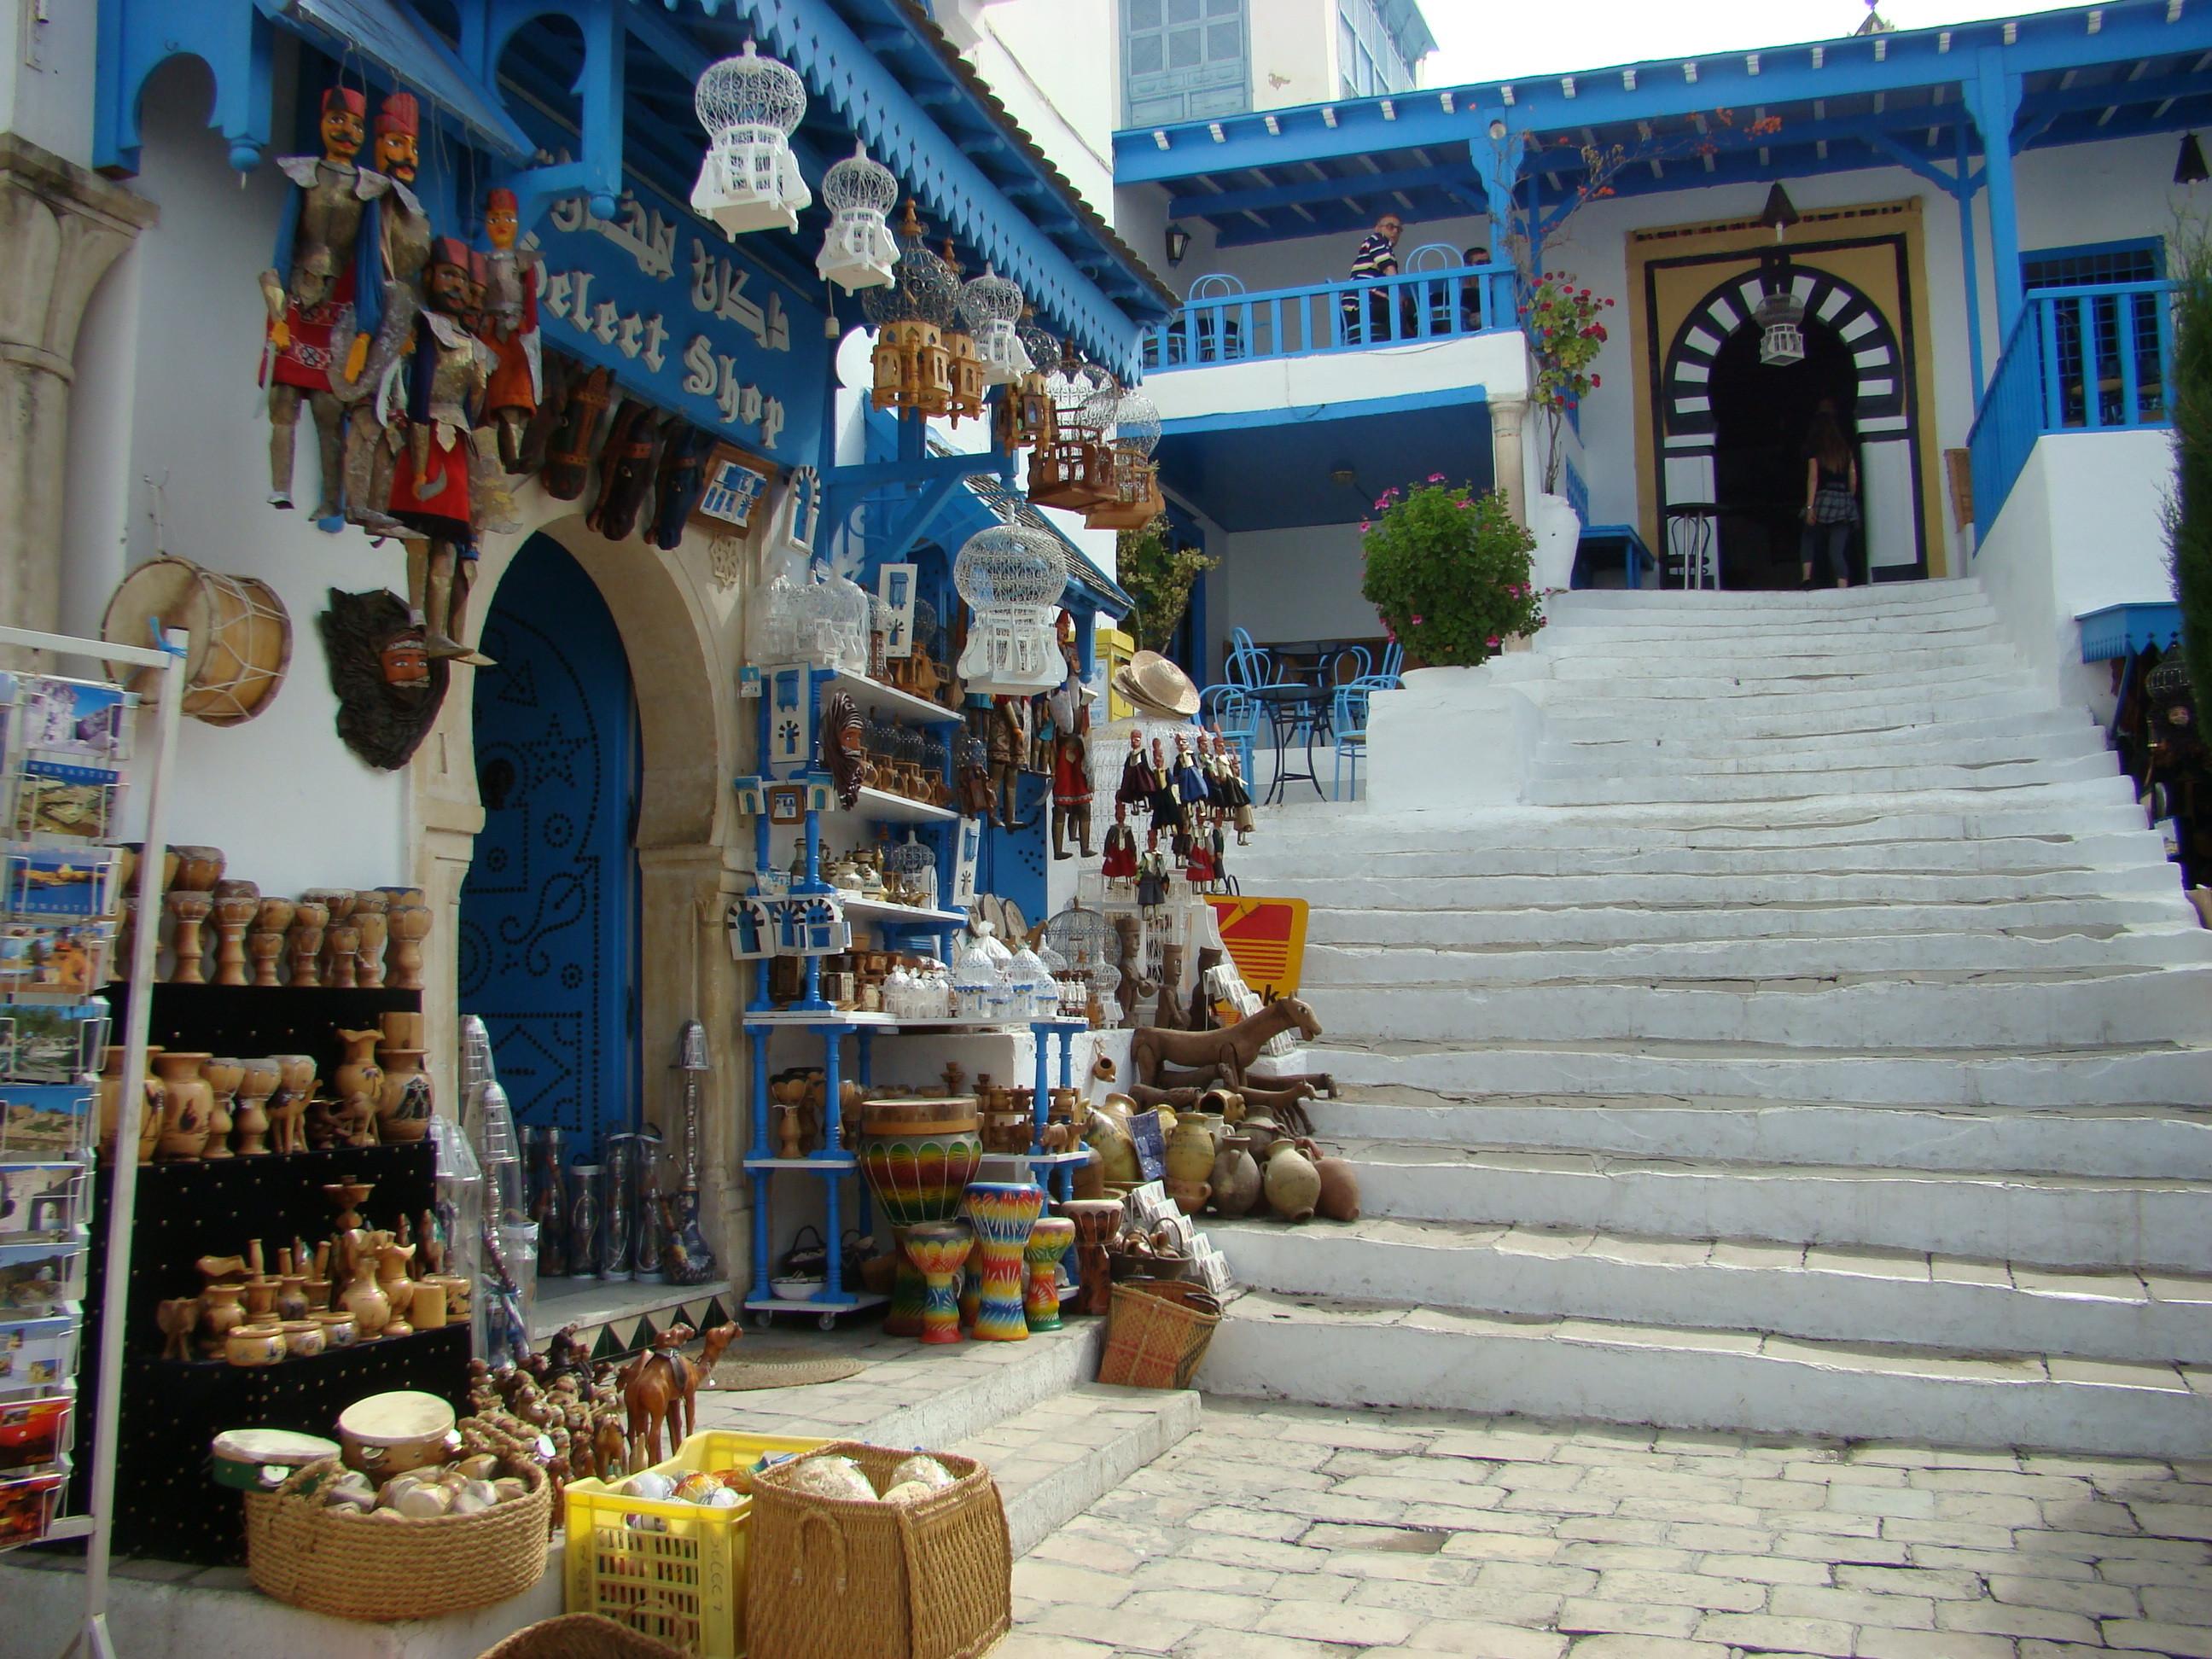 القطاع السياحي في تونس في تراجع غير مسبوق بسبب كورونا